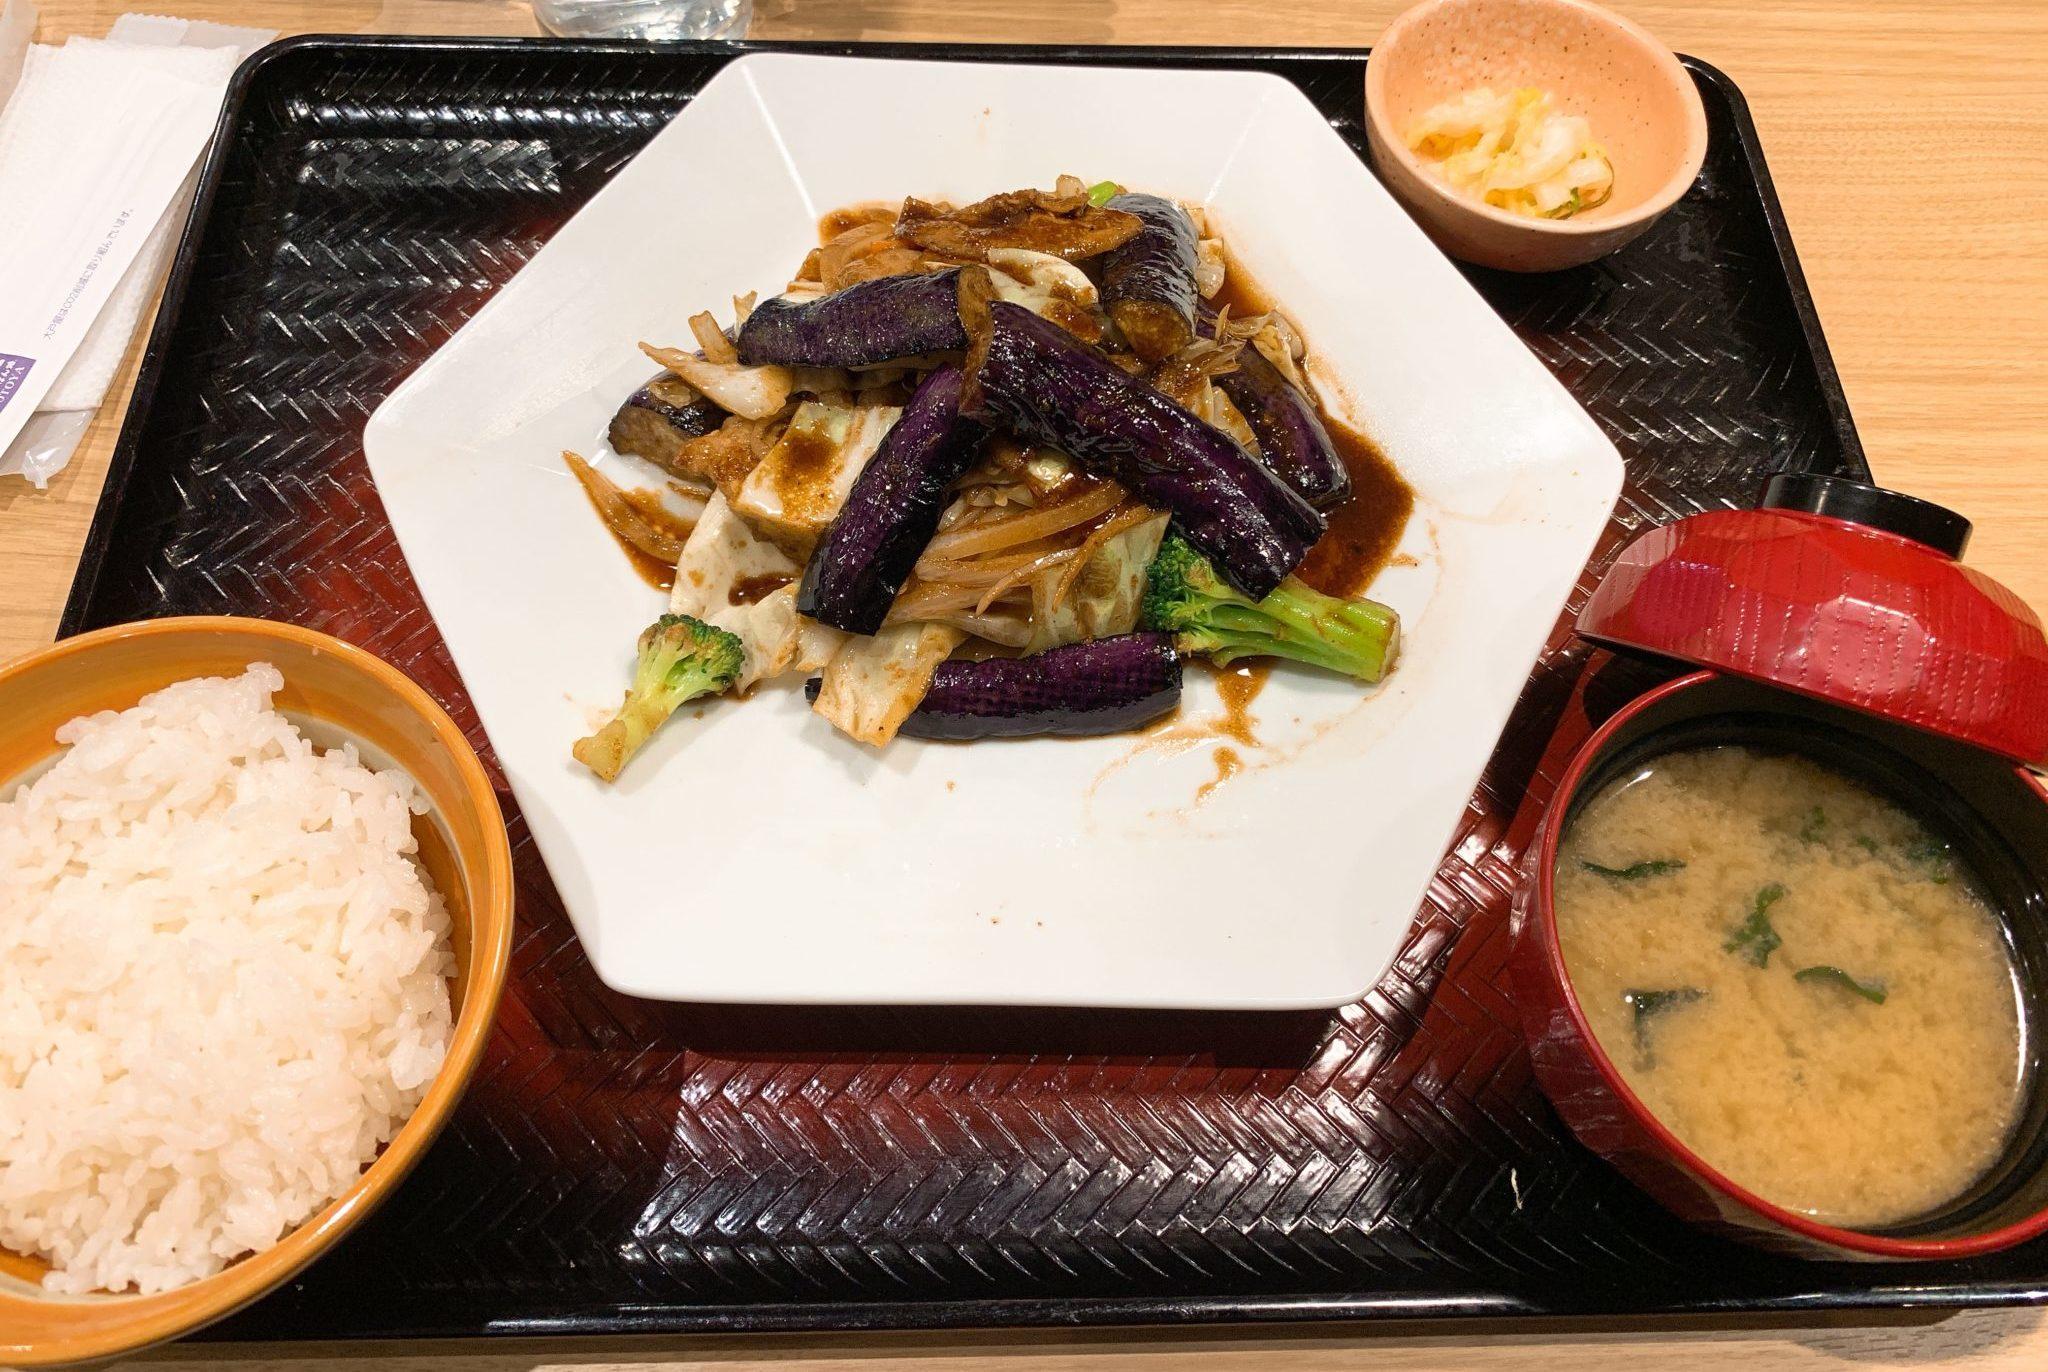 豚バラ肉とたっぷり野菜の豆鼓炒め定食